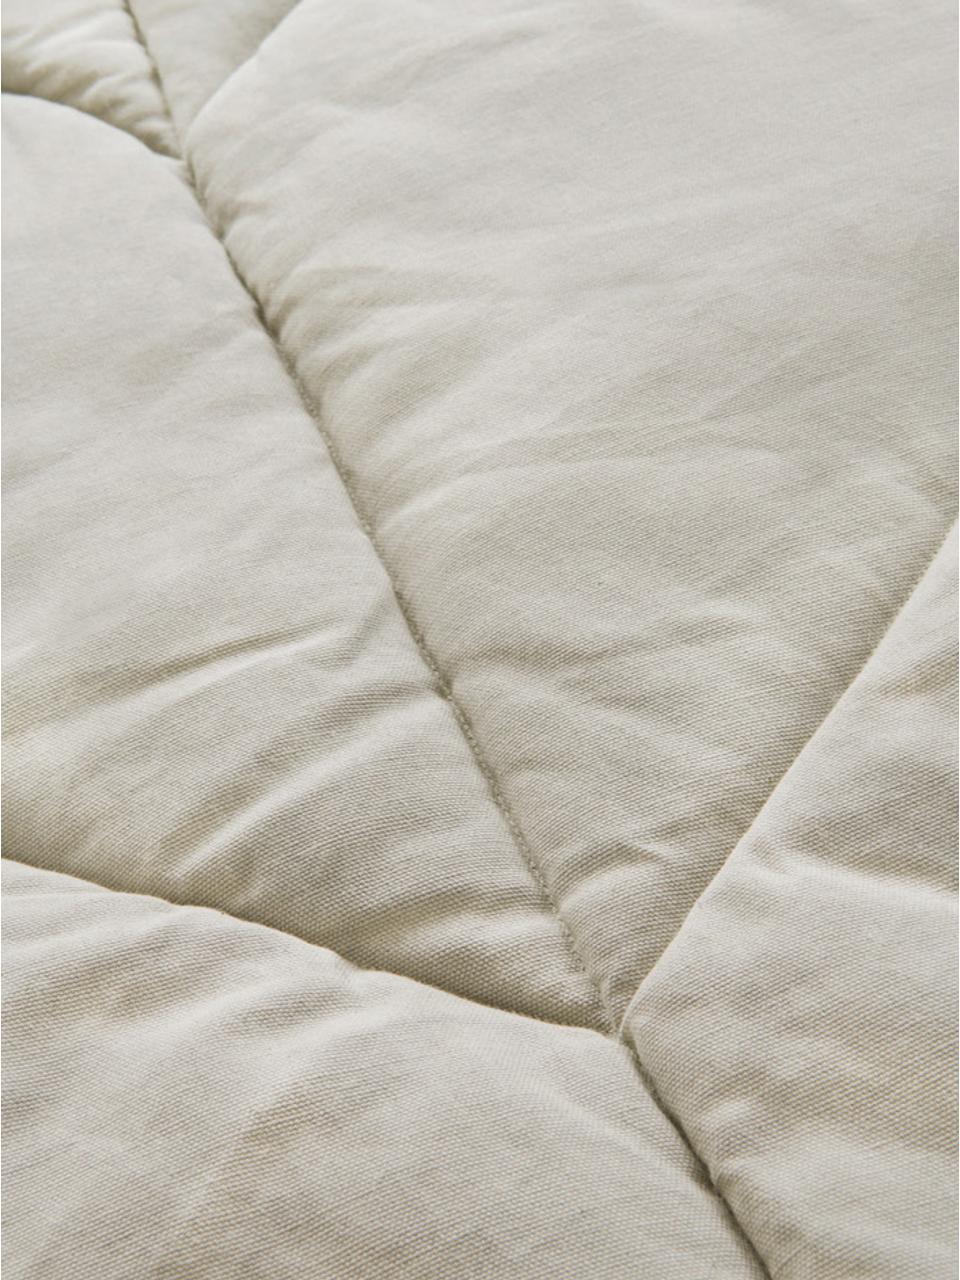 Spielmatte Keaton, Bezug: 100% Biobaumwolle, Beige, 100 x 165 cm